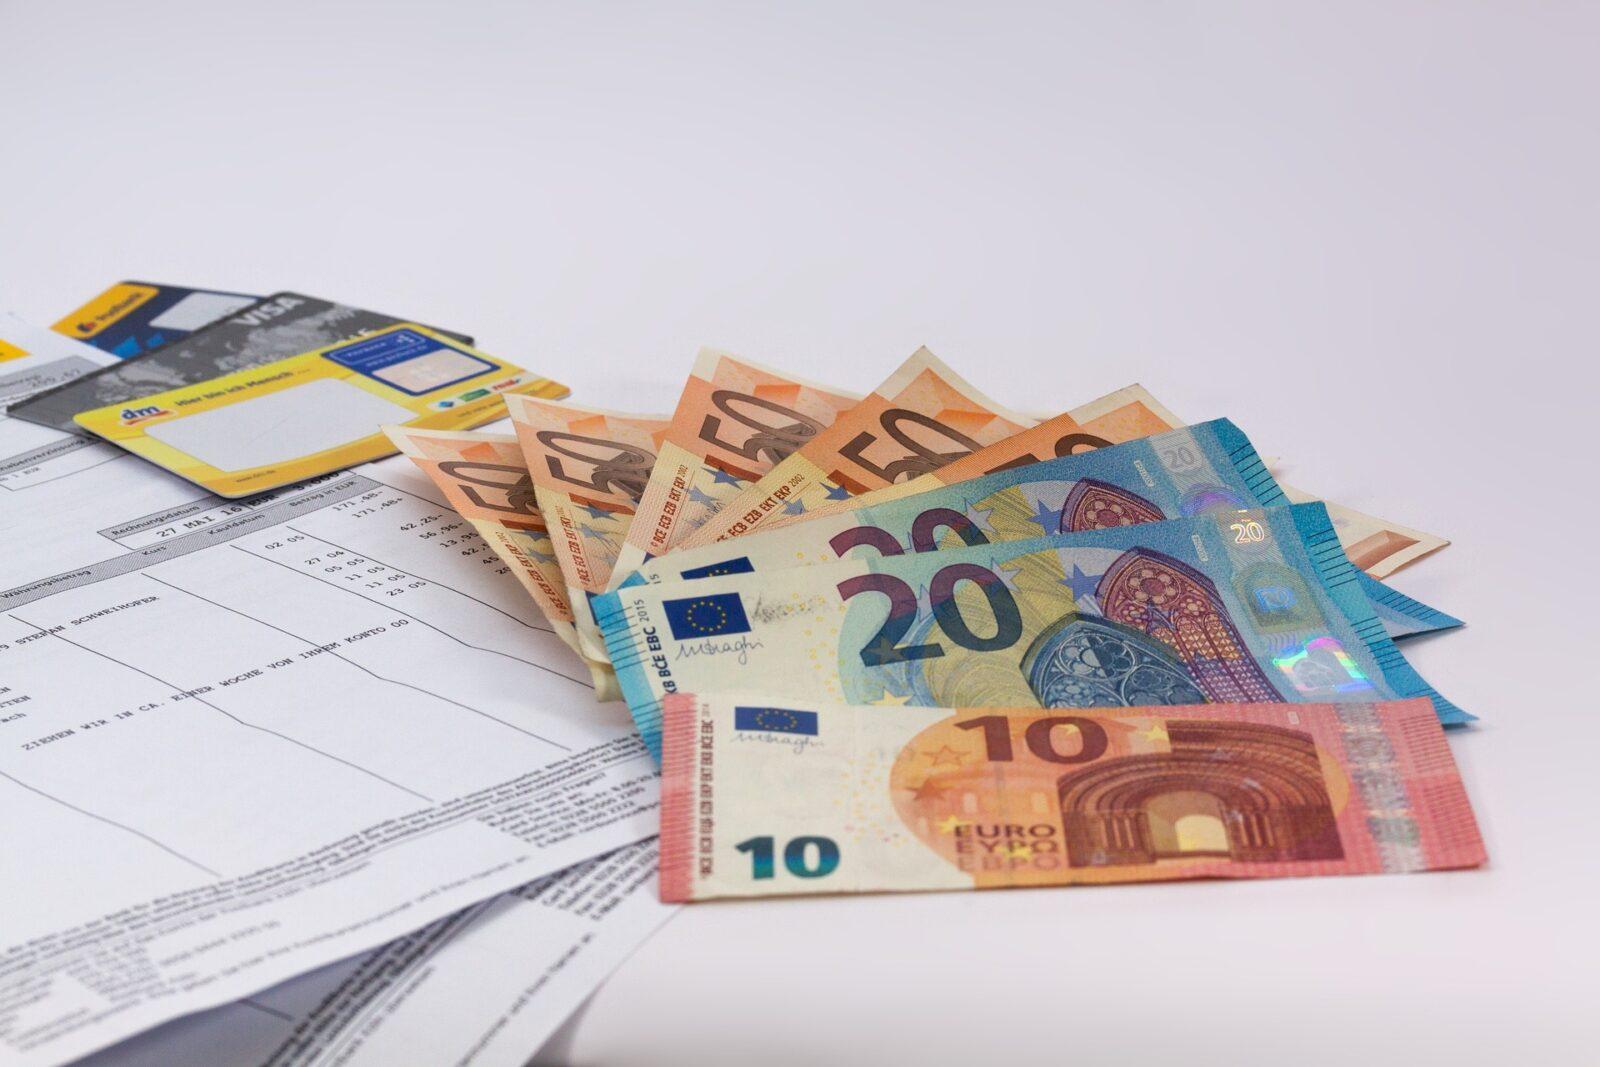 Betriebskosten – Du als Vermieter kannst den Umlageschlüssel bestimmen